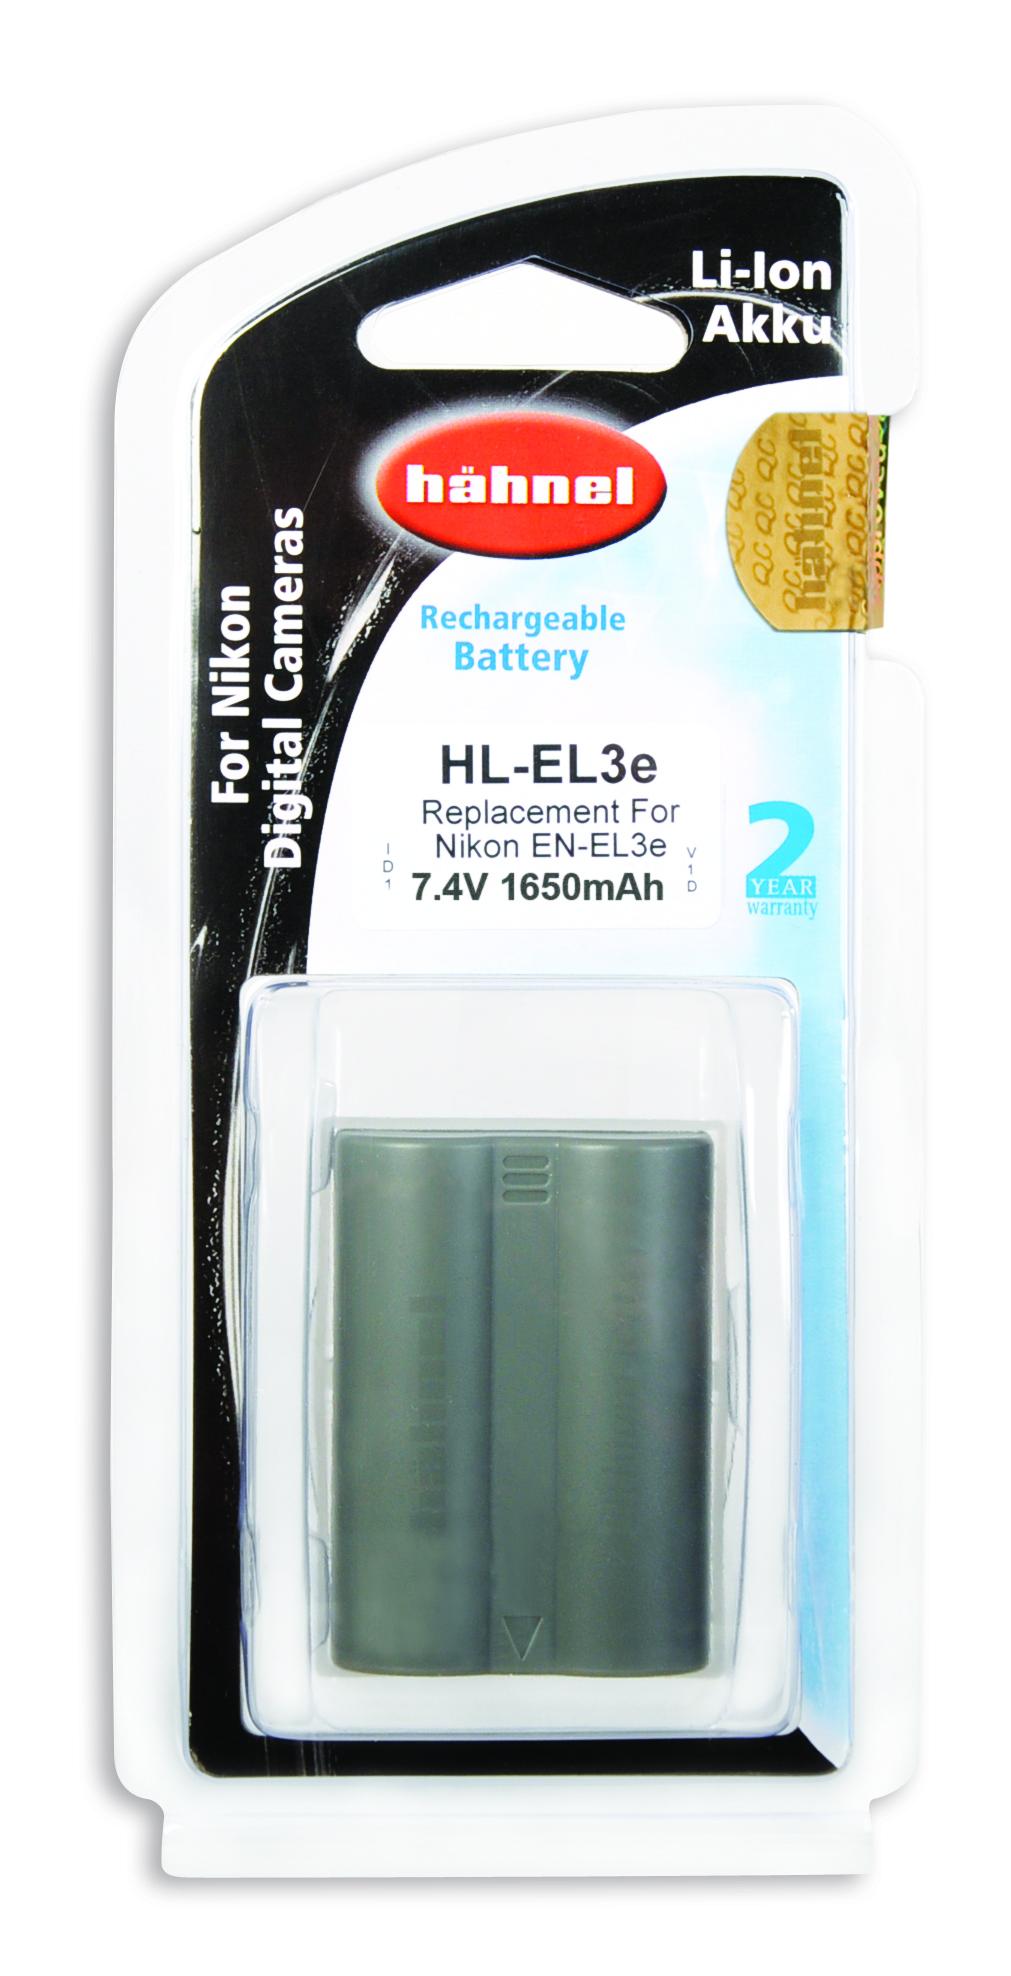 Hähnel HL-EL3e